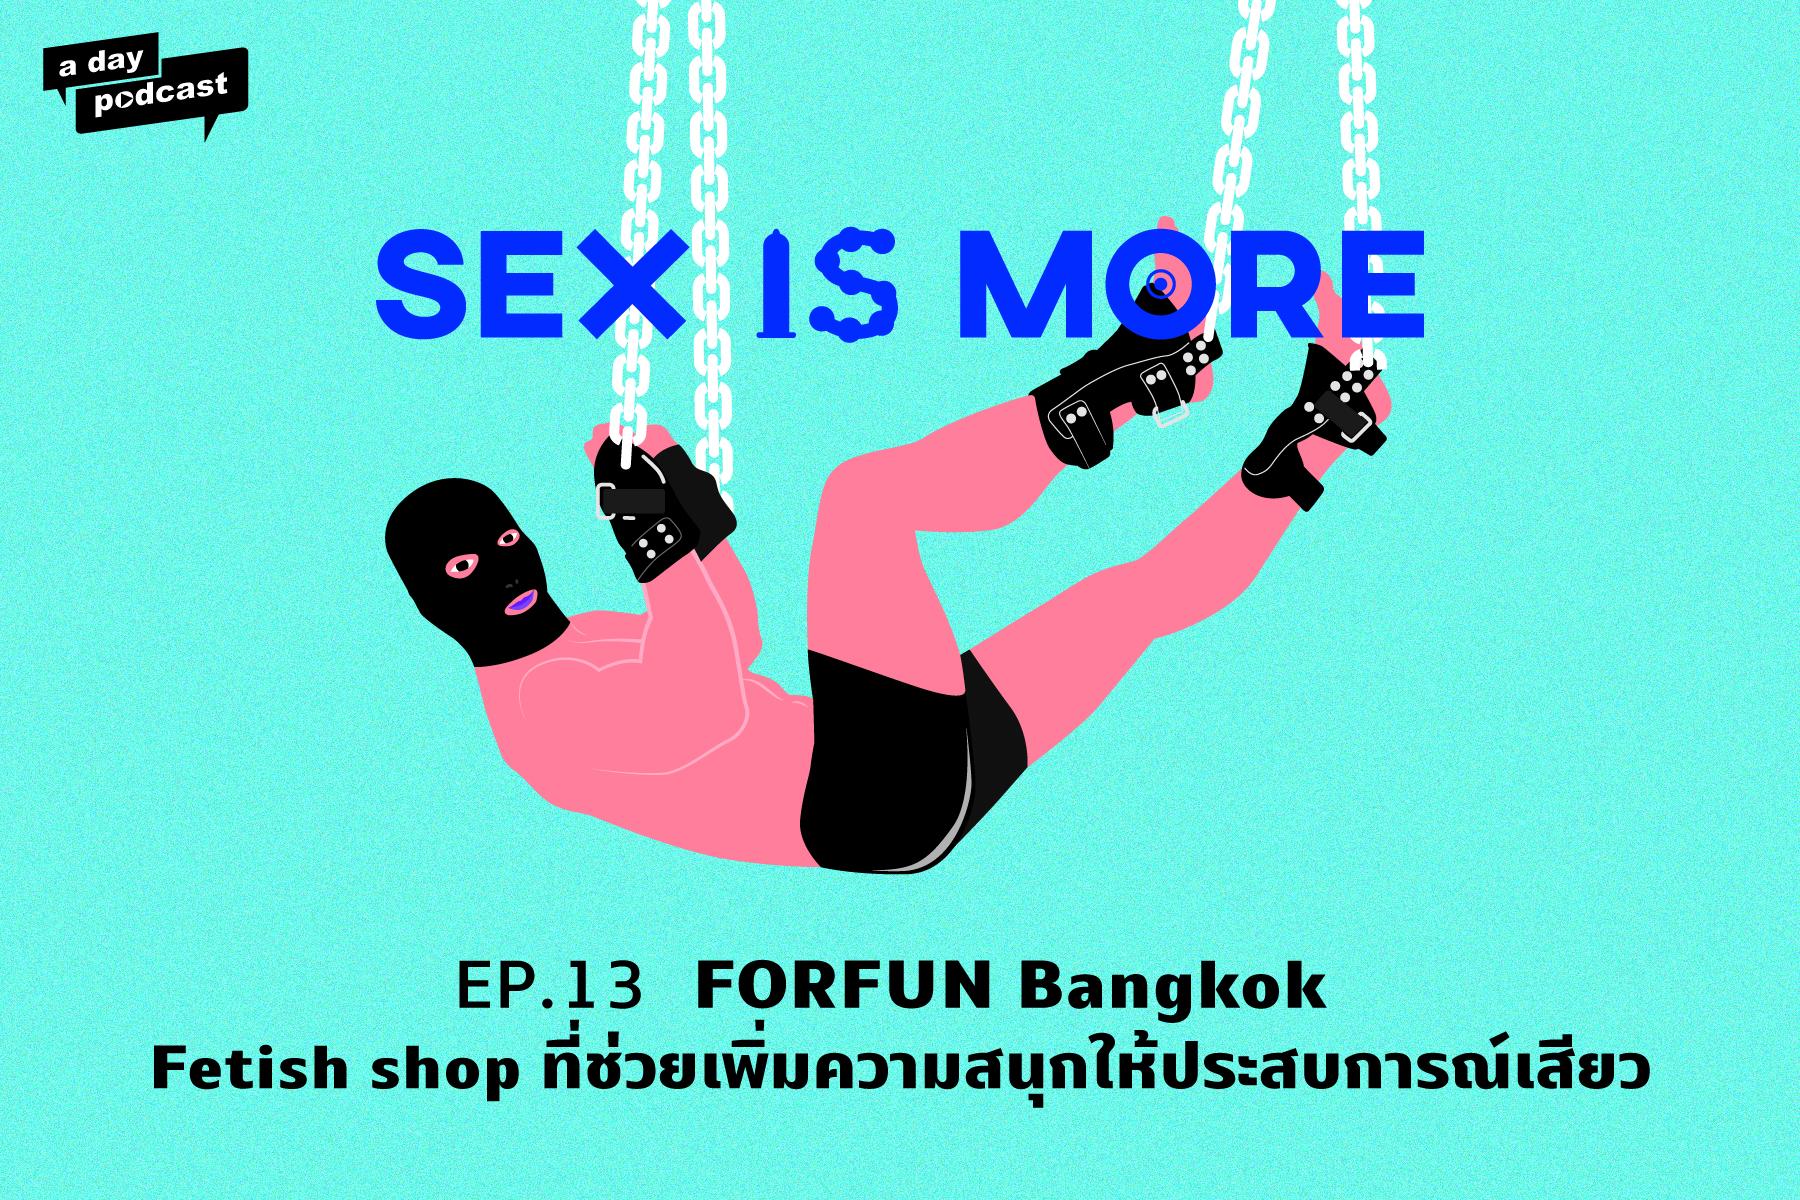 Sex is More EP.13 FORFUN Bangkok ช็อปที่ช่วยเพิ่มความสนุกให้ประสบการณ์เสียว